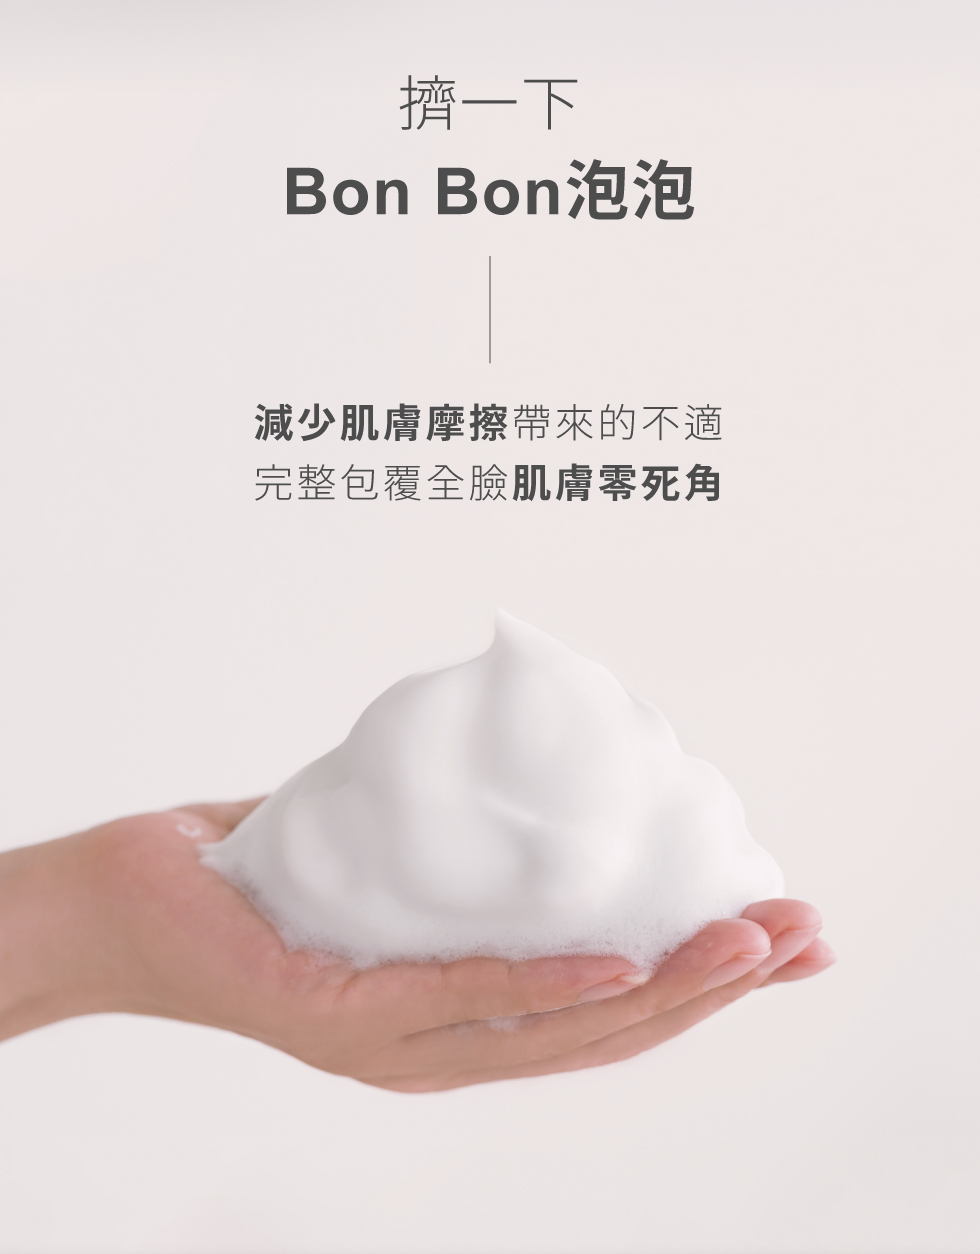 厚泡泡減少肌膚摩擦 肌膚零死角